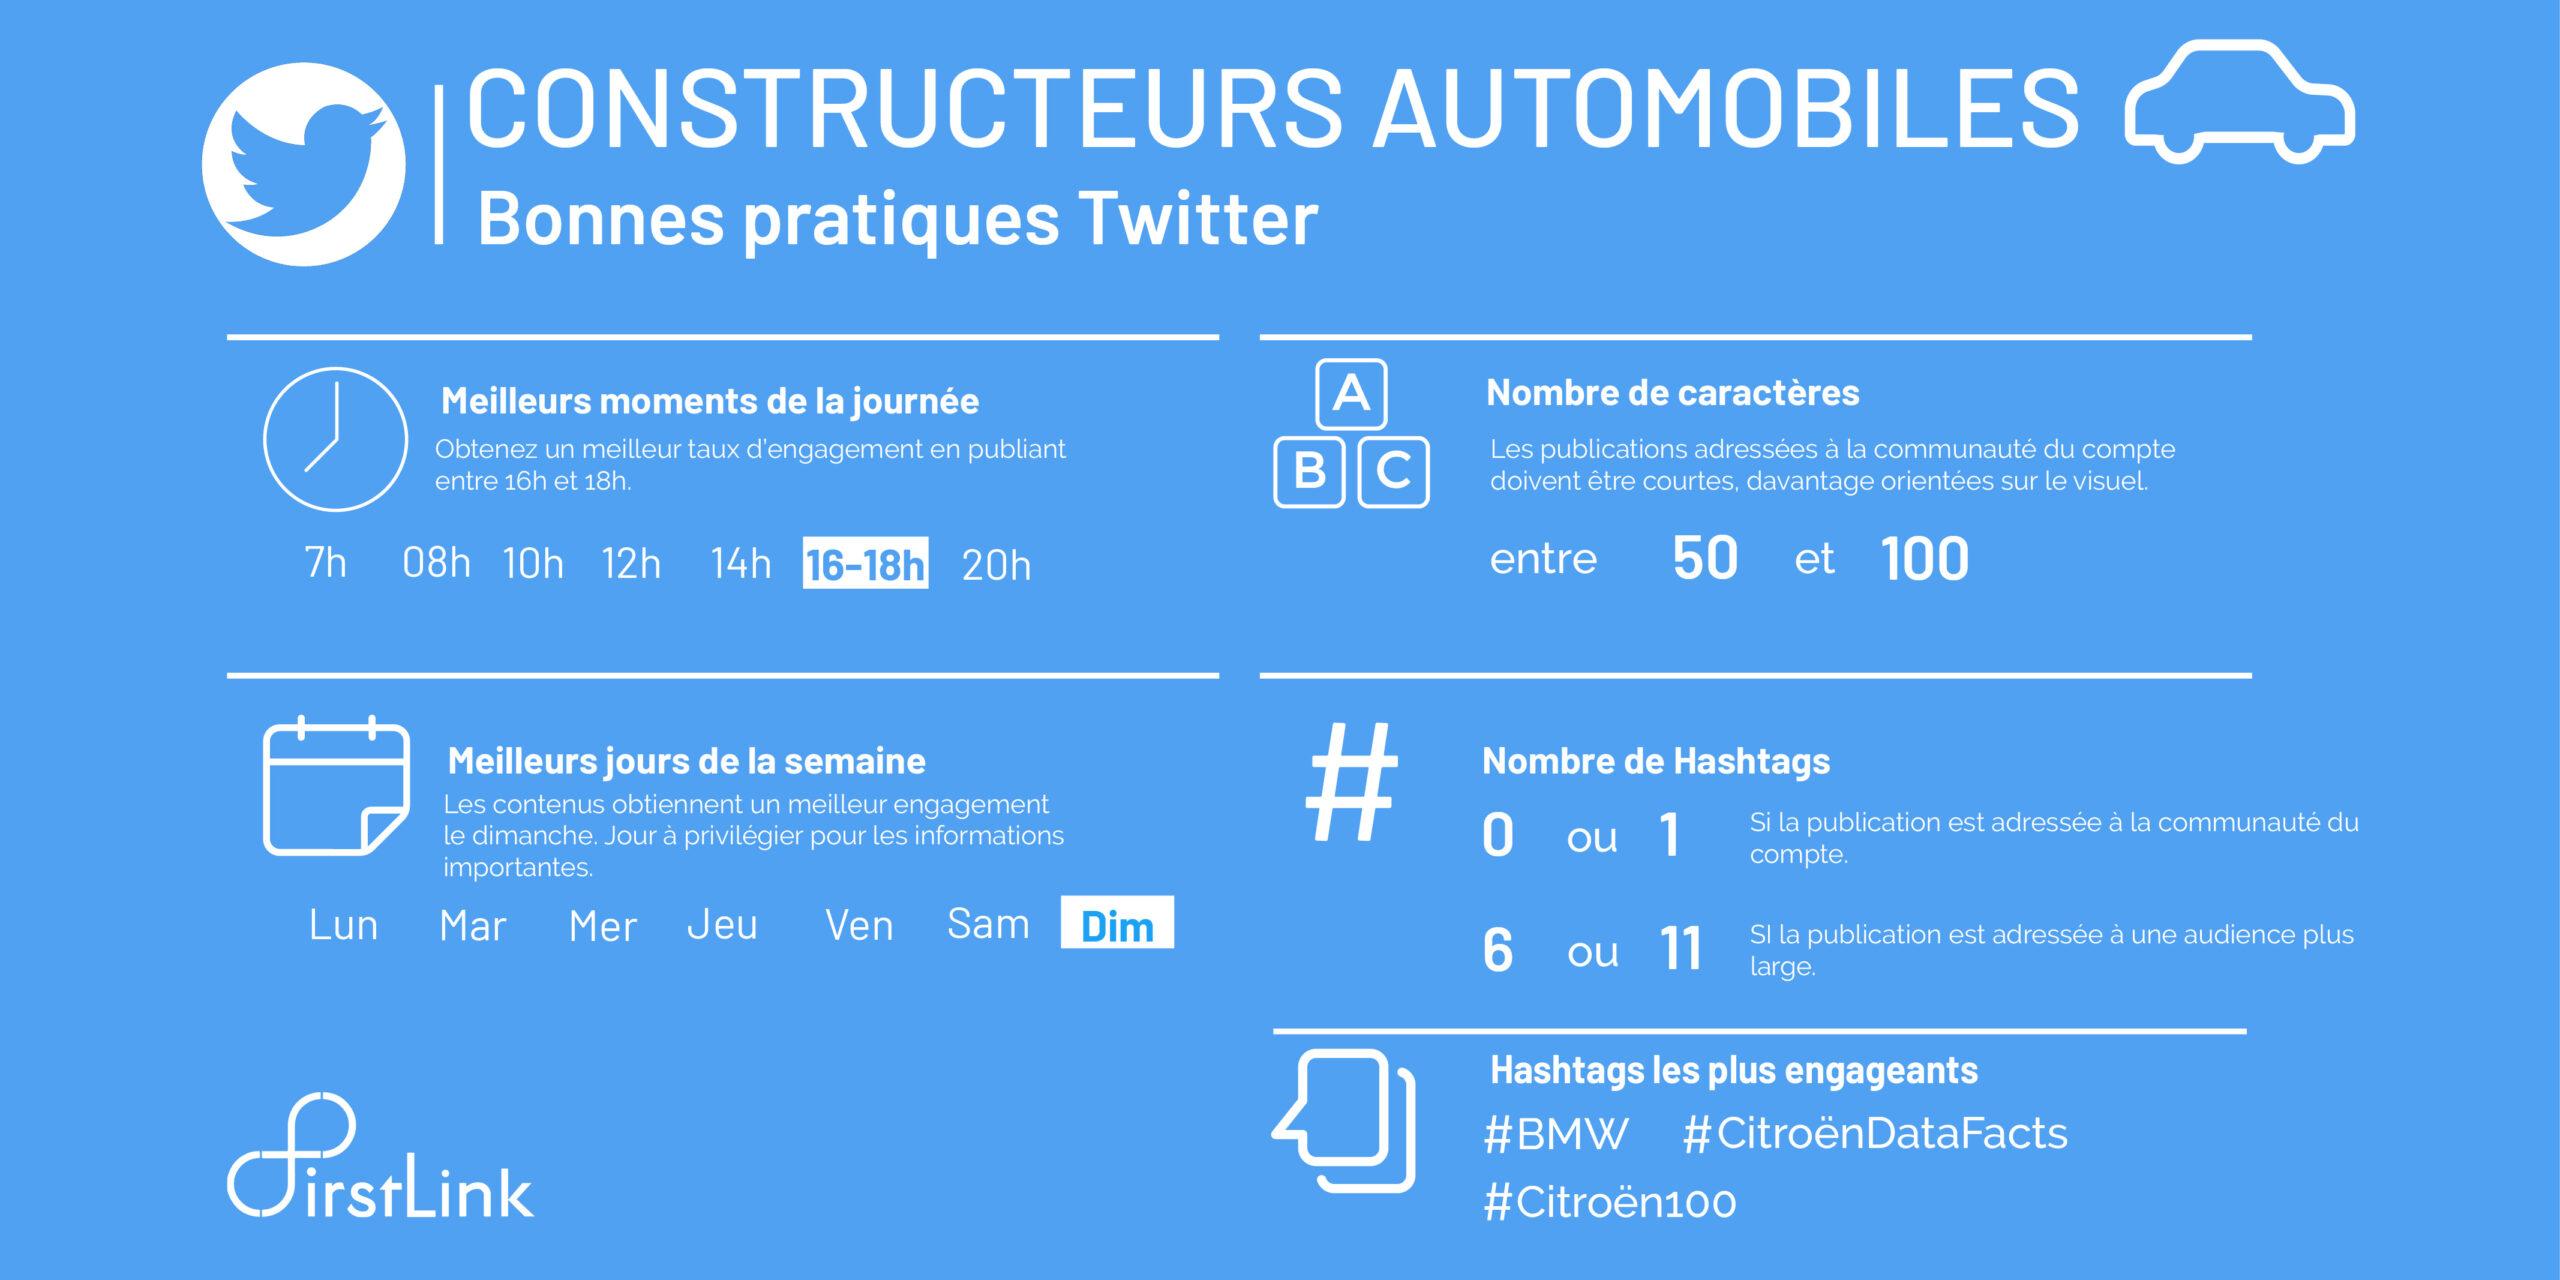 Infographie Twitter sur les constructeurs automobiles